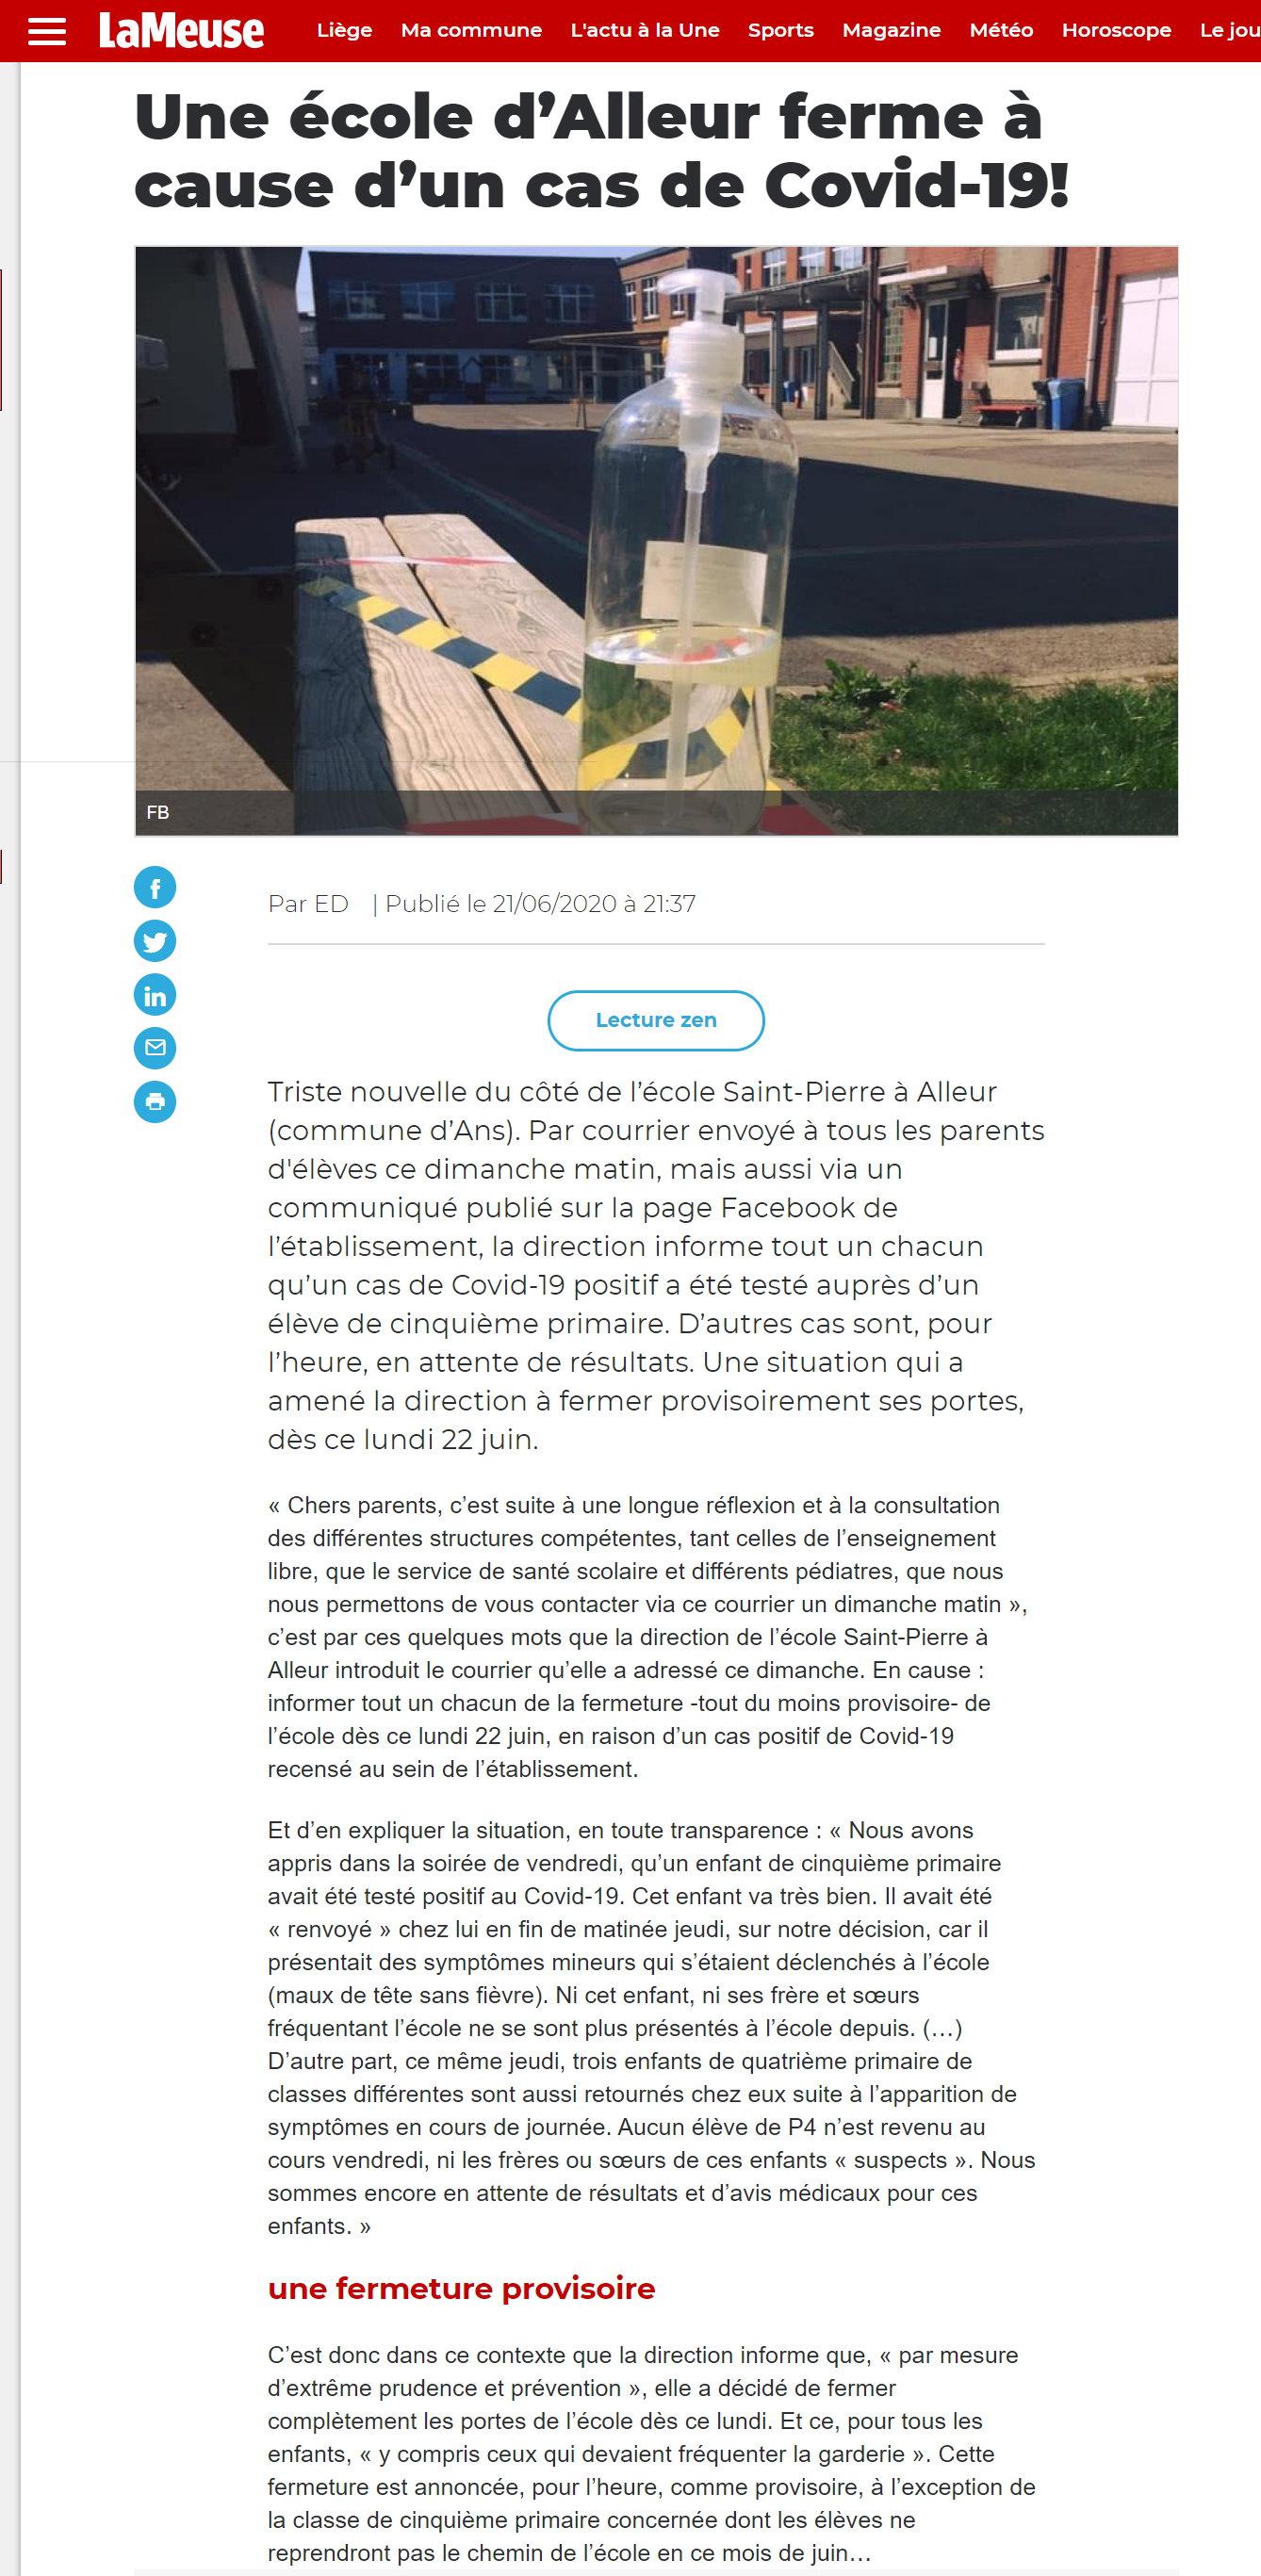 Fermeture à Alleur - La Meuse - 22 juin